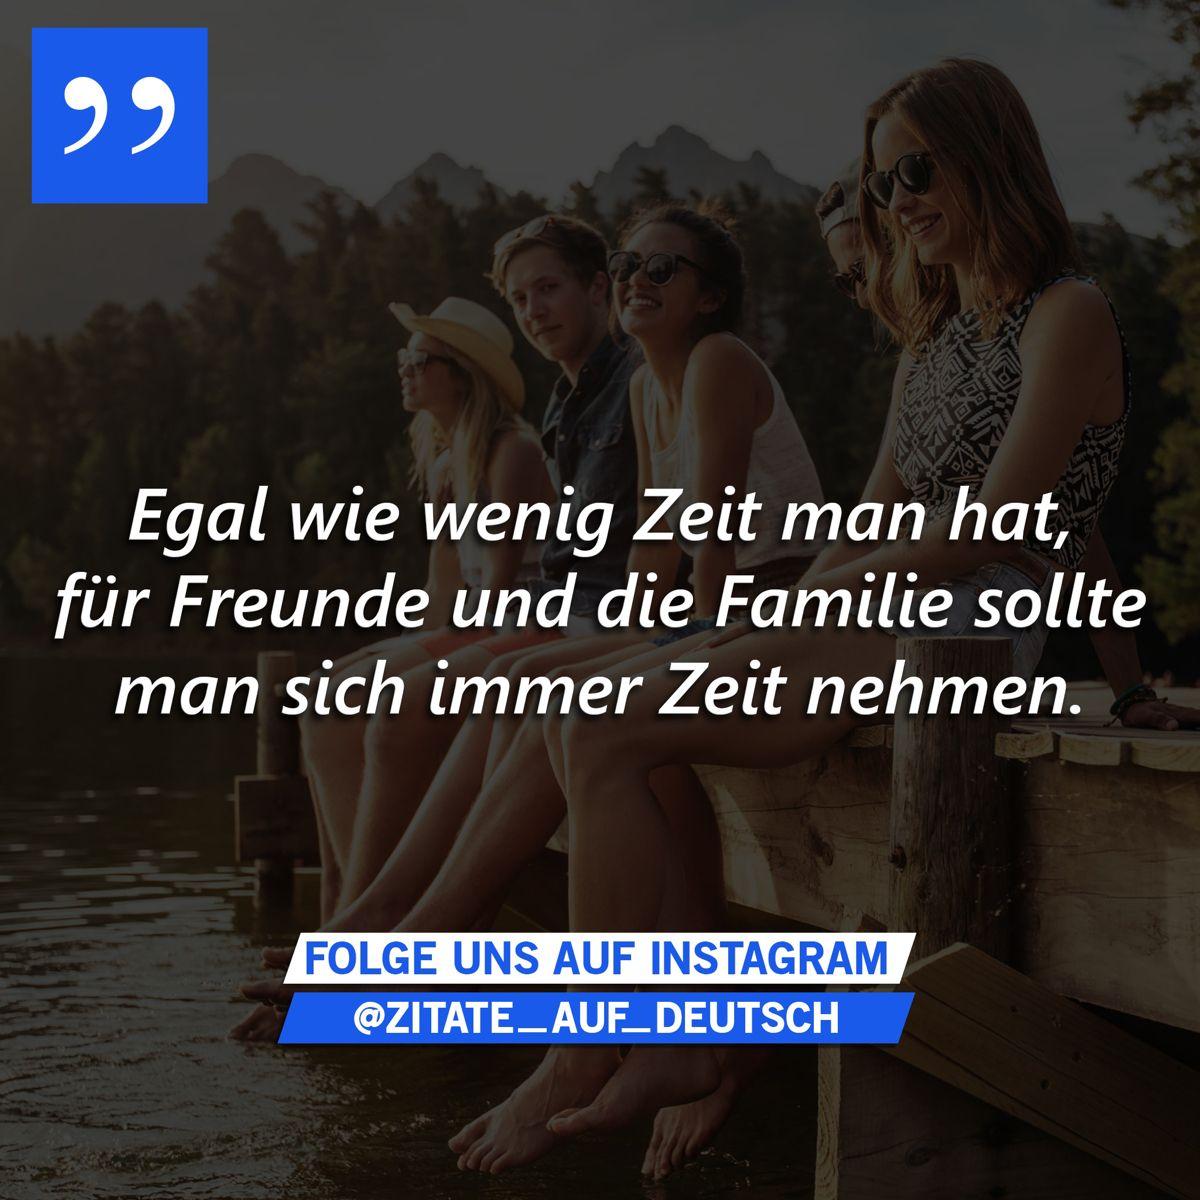 Zitate und Sprüche (@zitate_auf_deutsch) • Instagram-Fotos